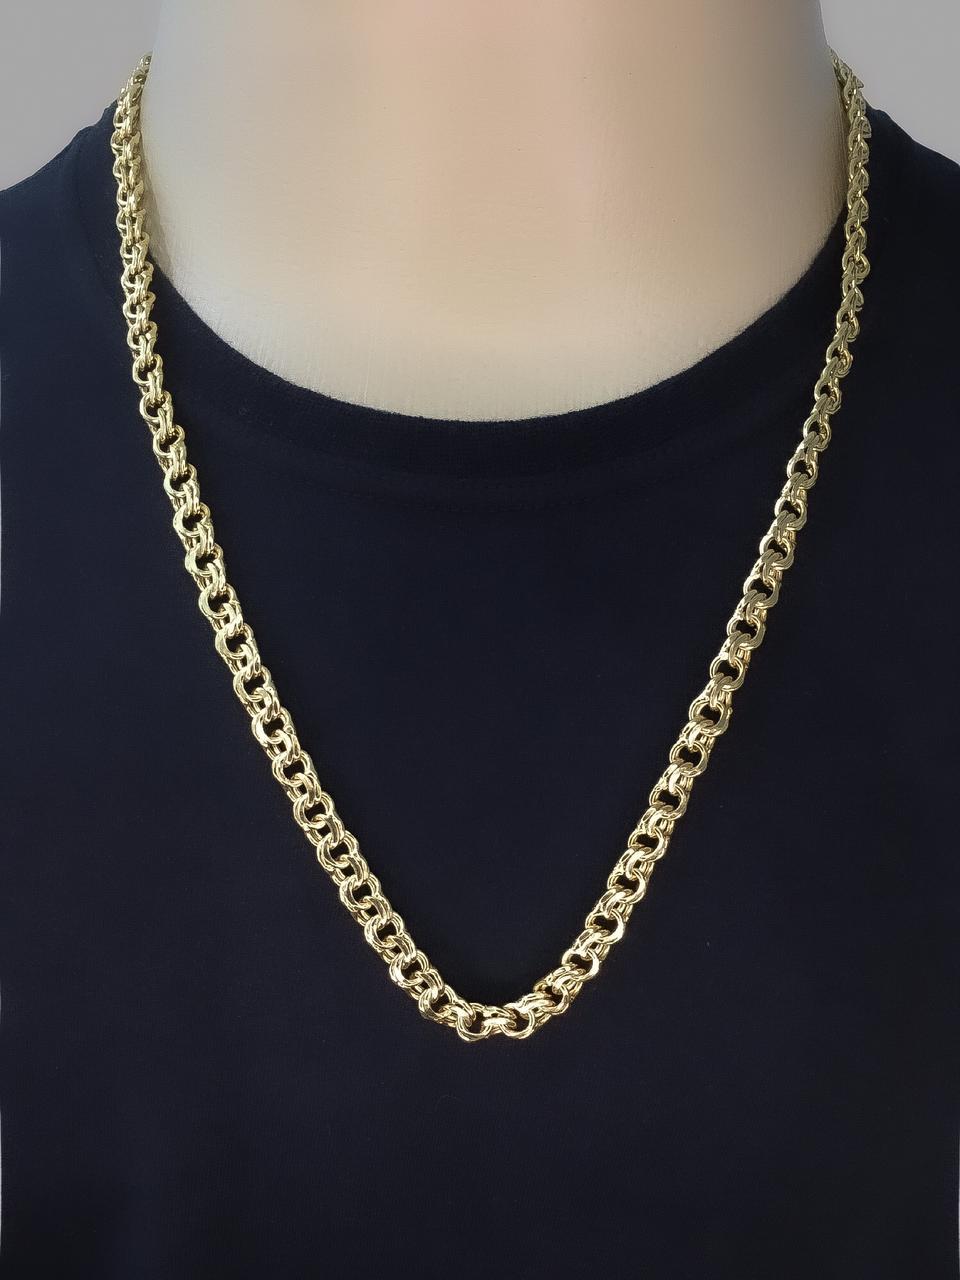 Corrente Friso -  8 milímetros - 70 Centímetros - fecho Gaveta - Banhado a ouro 18 k